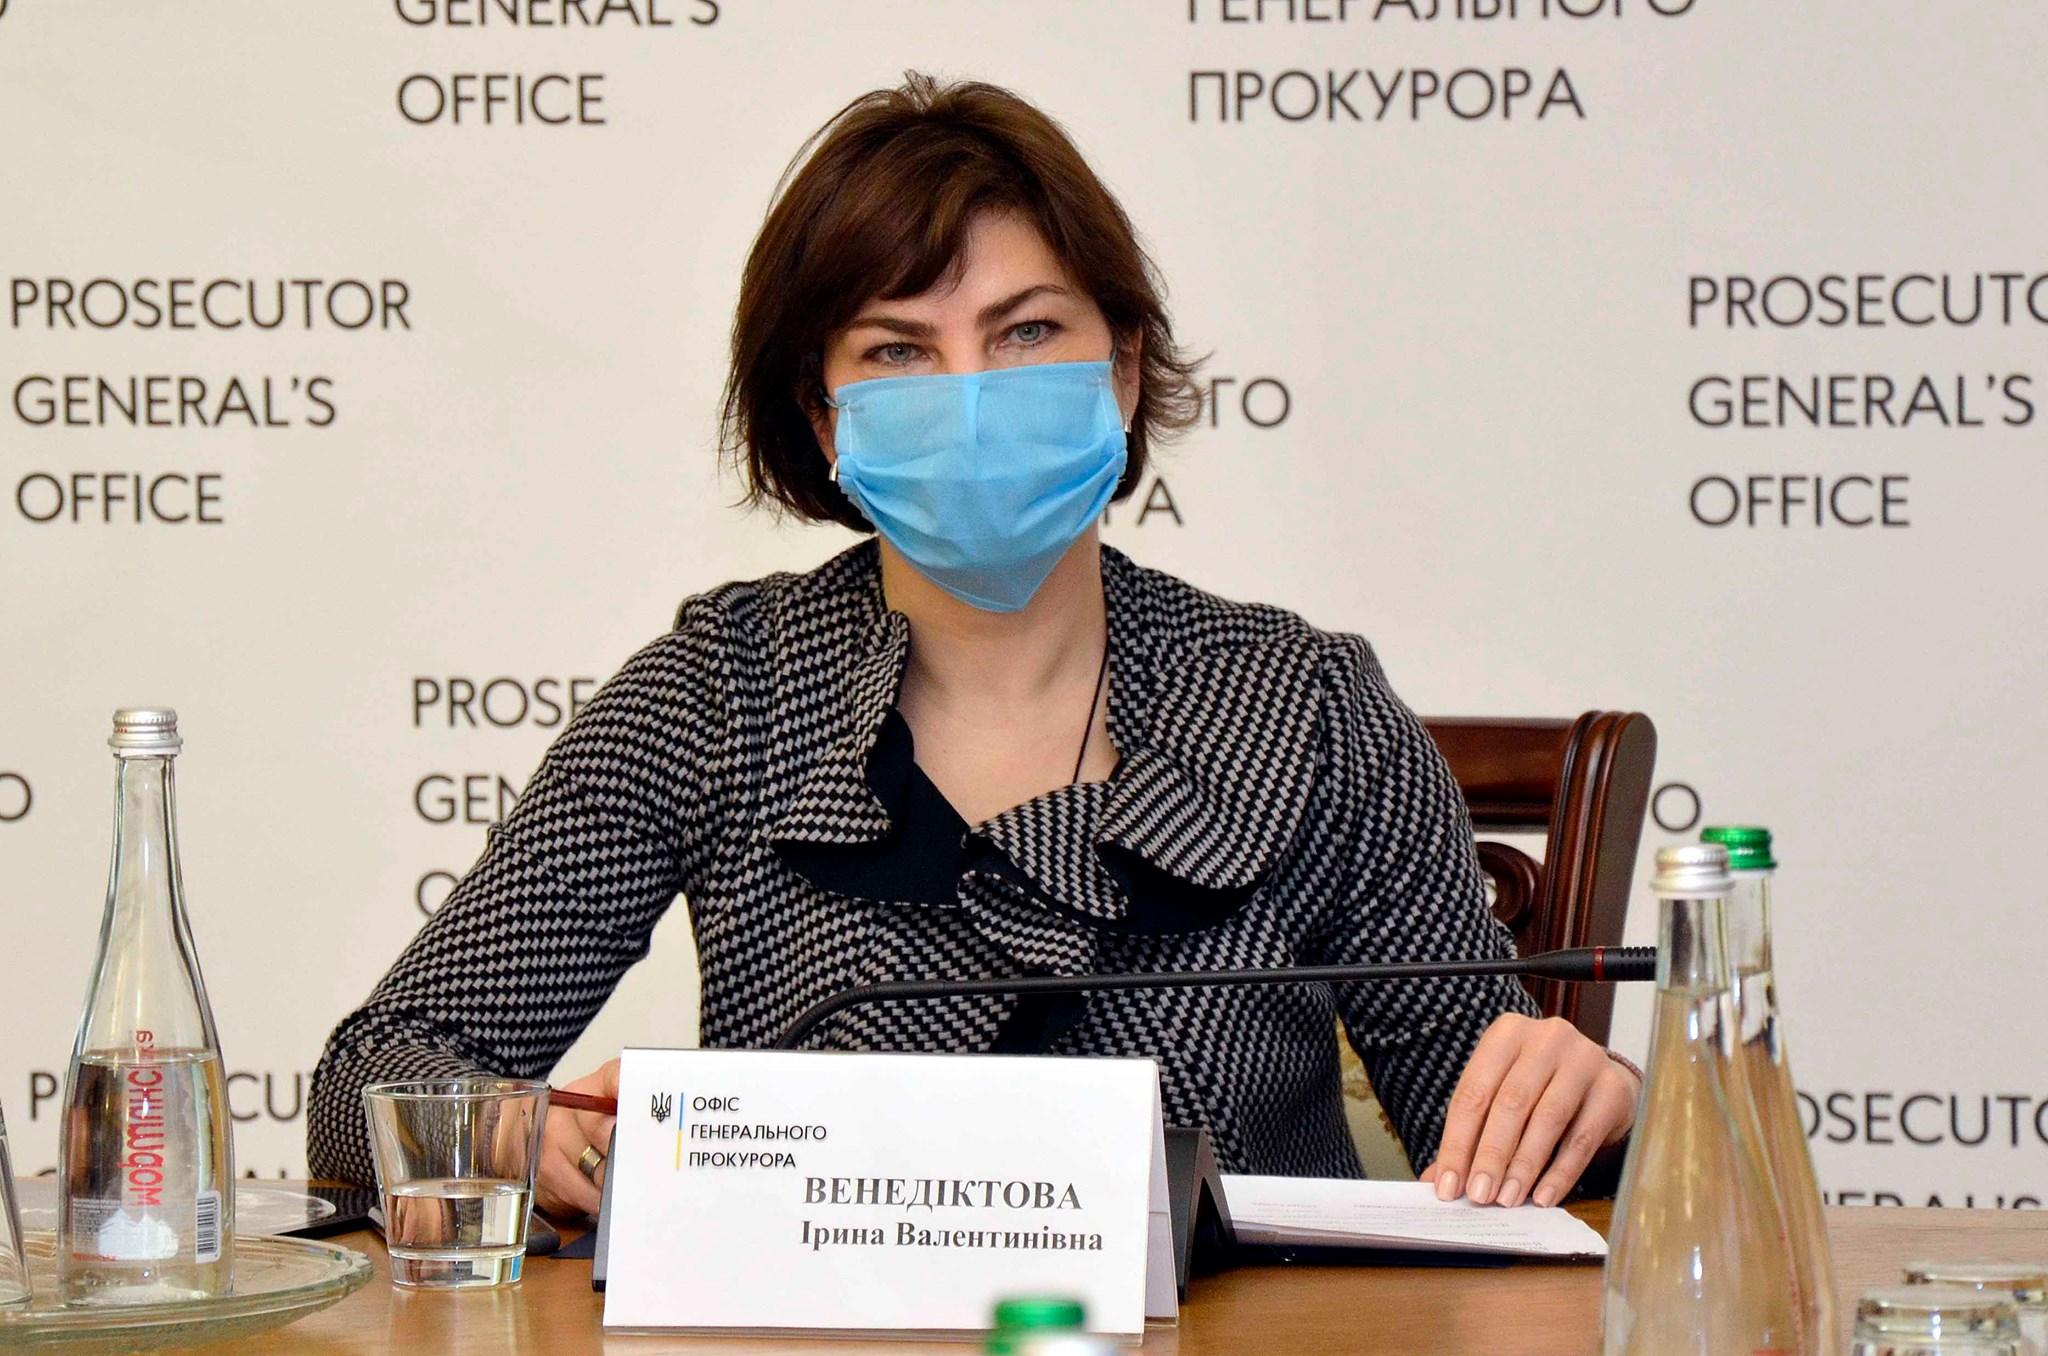 Top-https://www.slidstvo.info/articles/dvolyke-prodovzhennya-reformy-hto-pryjshov-u-ofis-genprokurora-za-venediktovoyi/